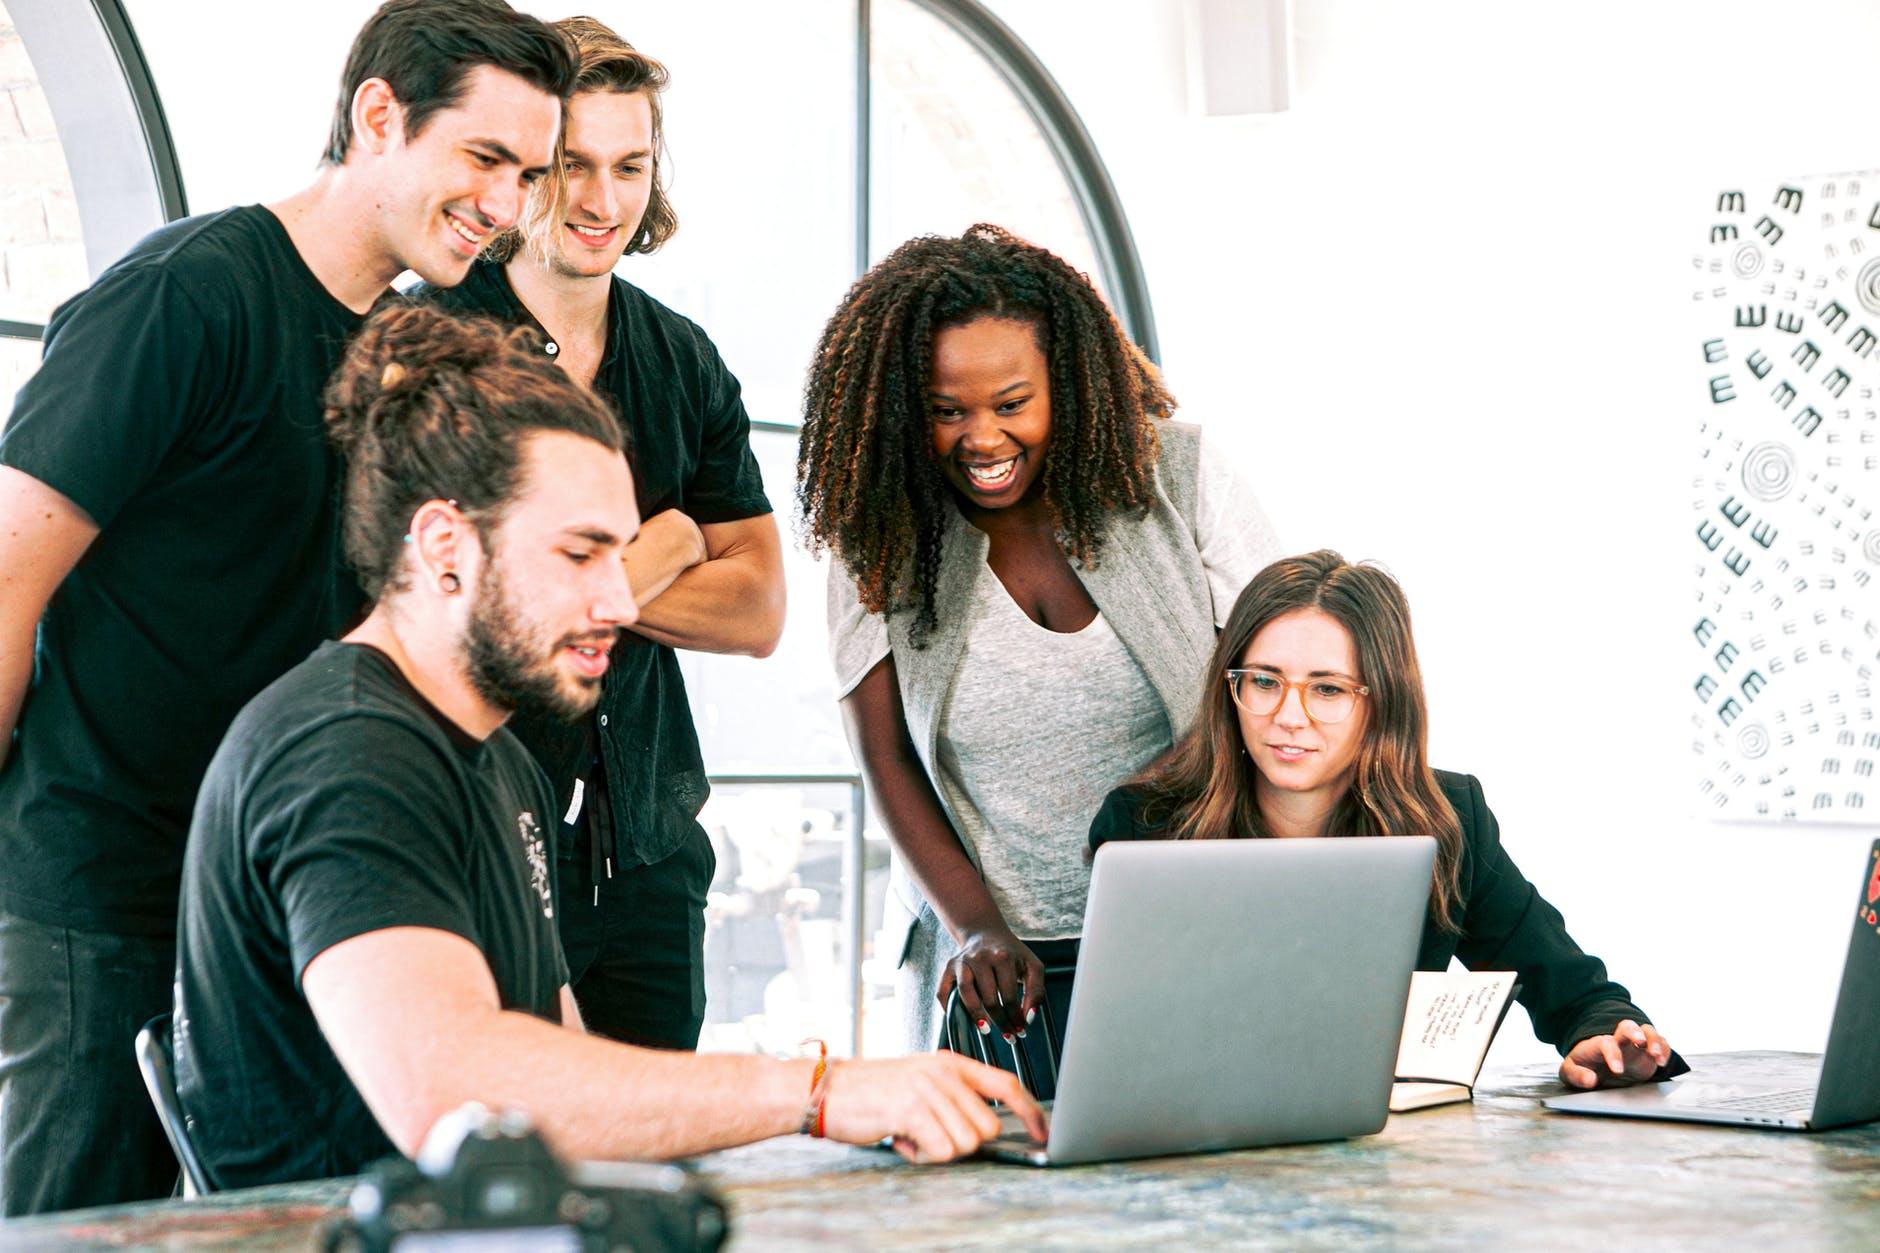 Universo Tecnológico Cap. 20: Los beneficios de apoyar tu negocio en la tecnología colaborativa